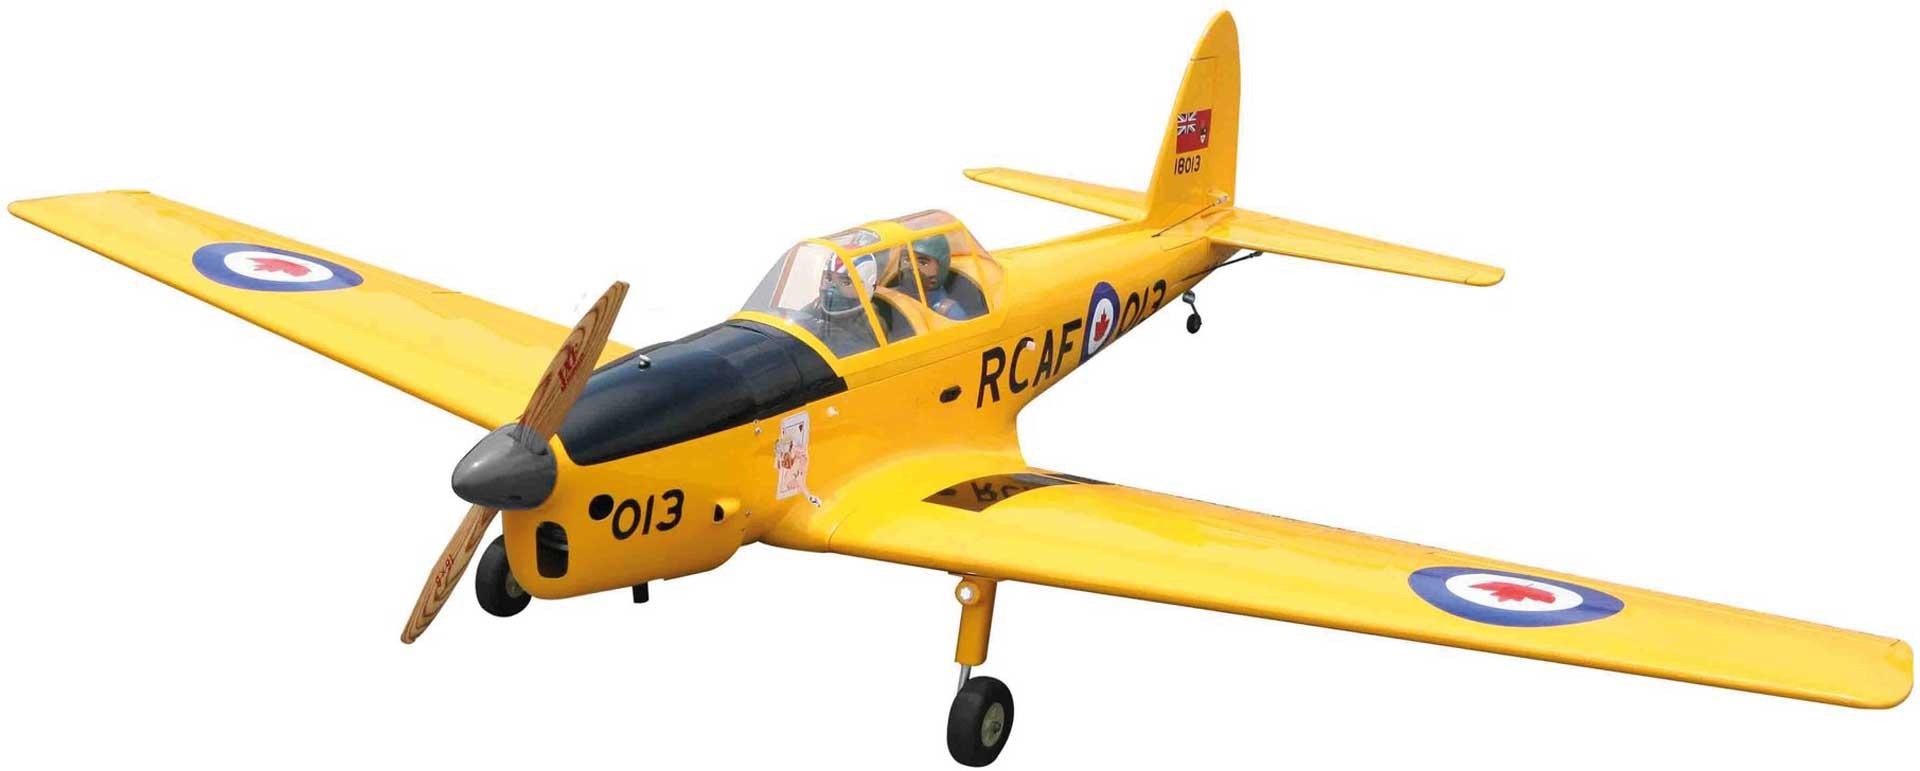 Seagull Models ( SG-Models ) DHC-1 CHIPMUNK GELB 2,03M ARF FÜR VERBRENNER UND E-ANTRIEBE